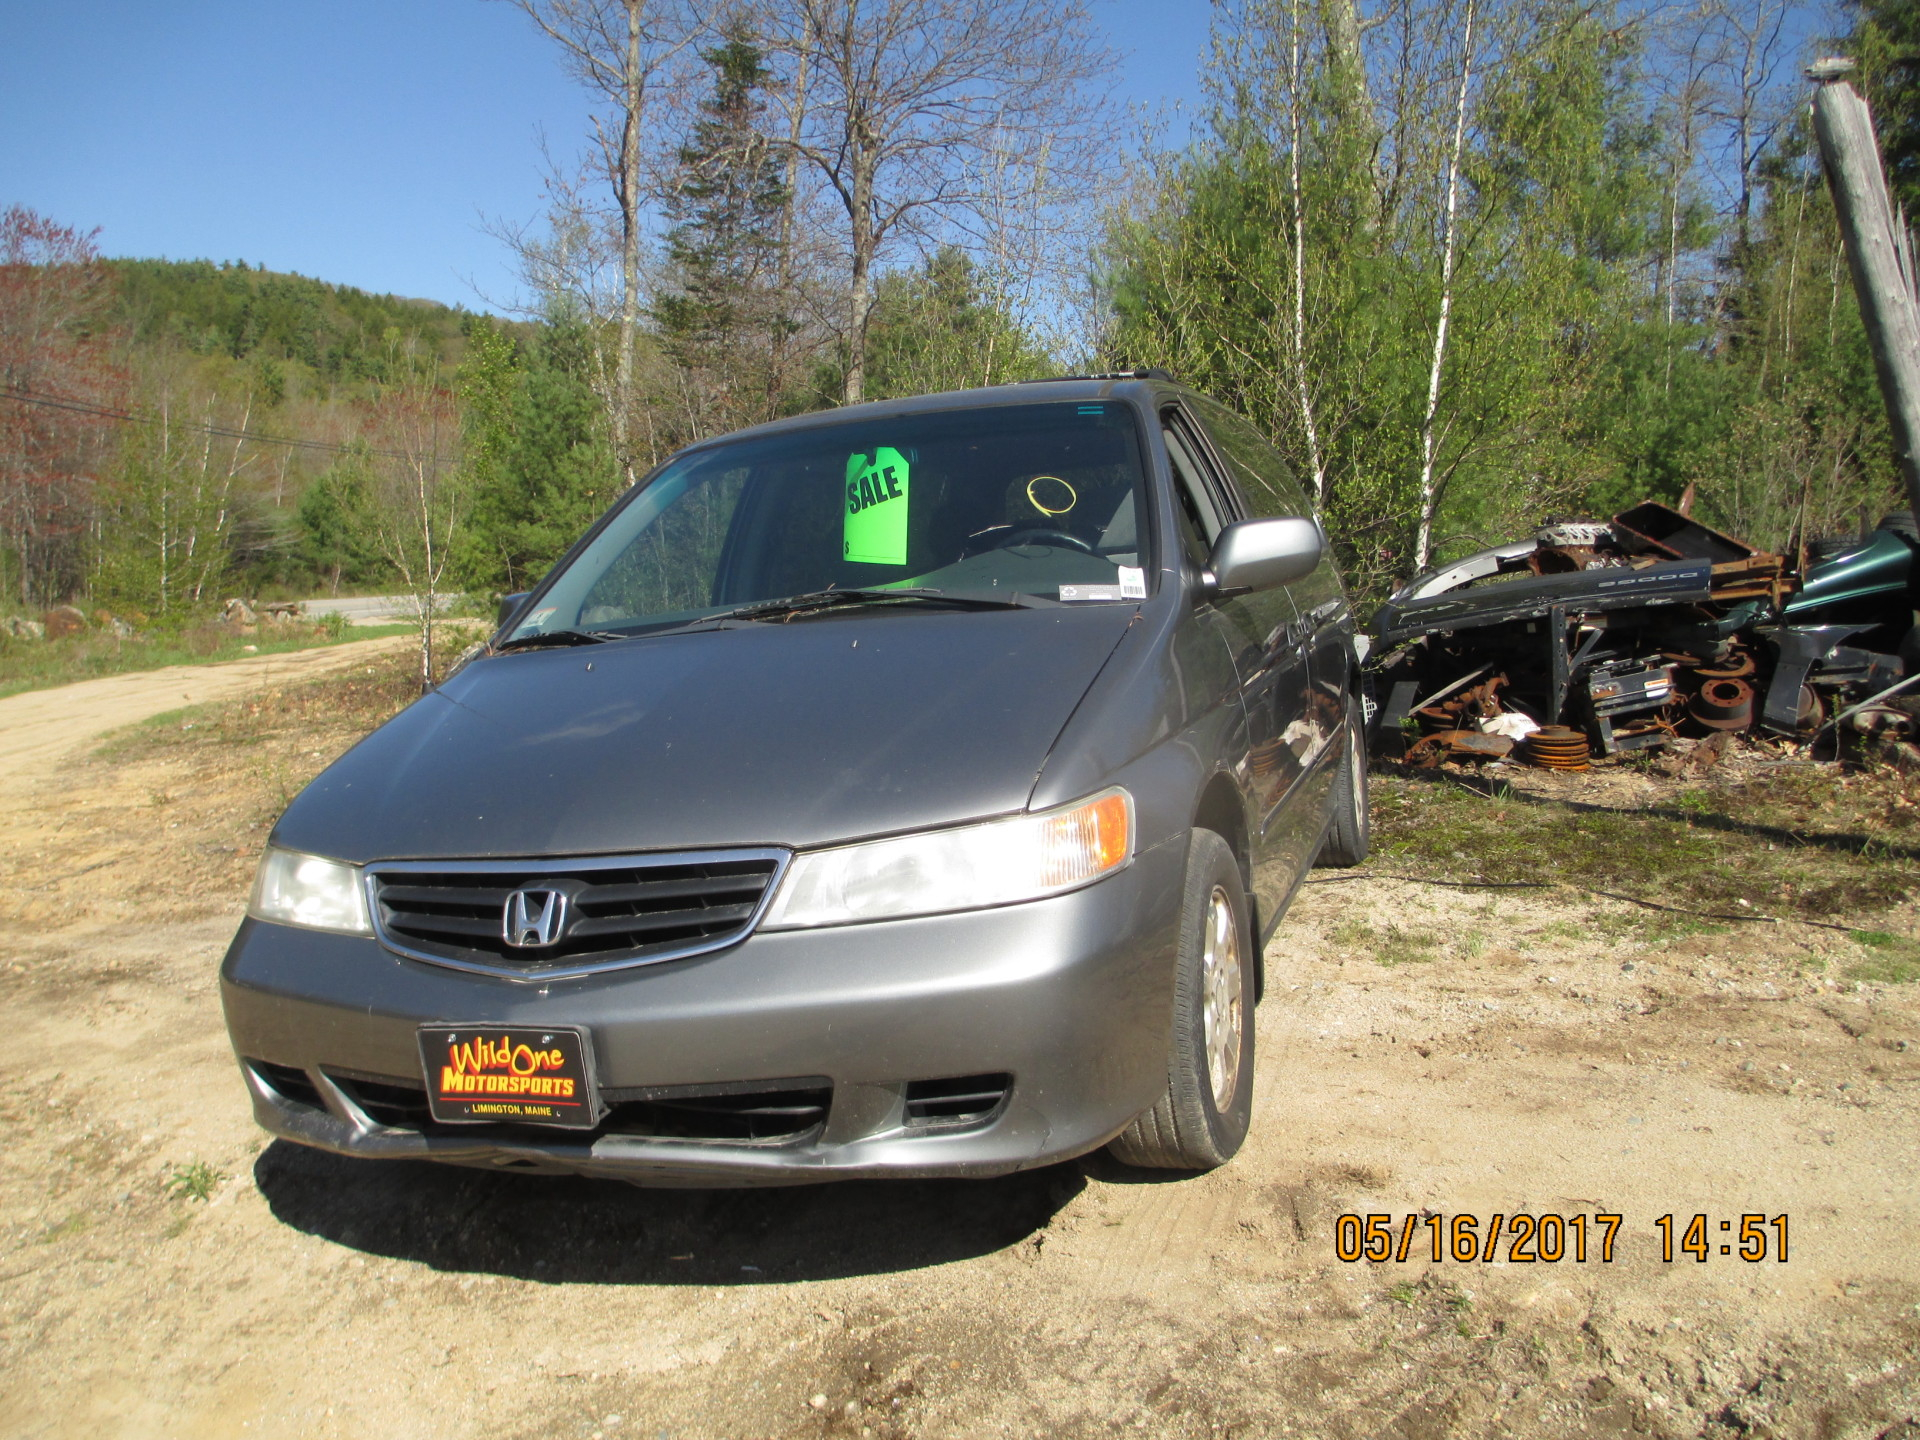 2002 Honda Odyssey - Gray